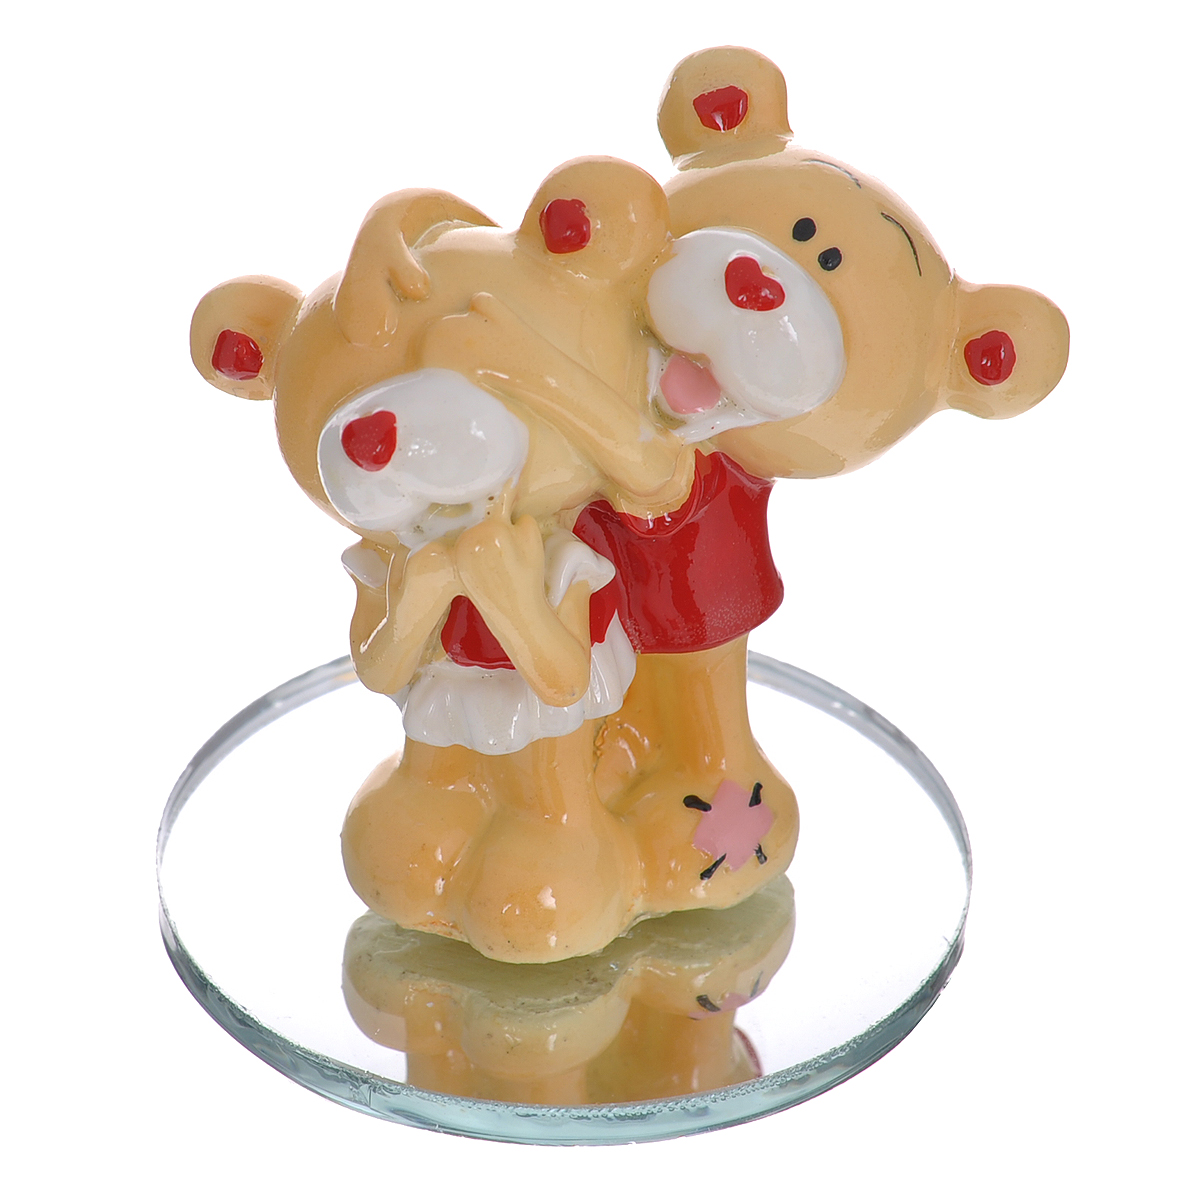 Фигурка декоративная Мишка-валентинка. 12343194031Декоративная фигурка Мишка-валентинка изготовлена из полистоуна в виде двух милых медвежат. Фигурка помещается на круглую зеркальную подставку. Такая фигурка станет идеальным сувениром ко Дню Святого Валентина, она без лишних слов выразит все ваши чувства. Фигурка упакована в подарочную коробку, перевязанную красной атласной лентой. Характеристики: Материал: полистоун, стекло. Цвет: бежевый, красный. Высота фигурки: 5,5 см. Диаметр основания: 5 см. Размер упаковки: 7,5 см х 6 см х 10 см. Артикул: 123431.